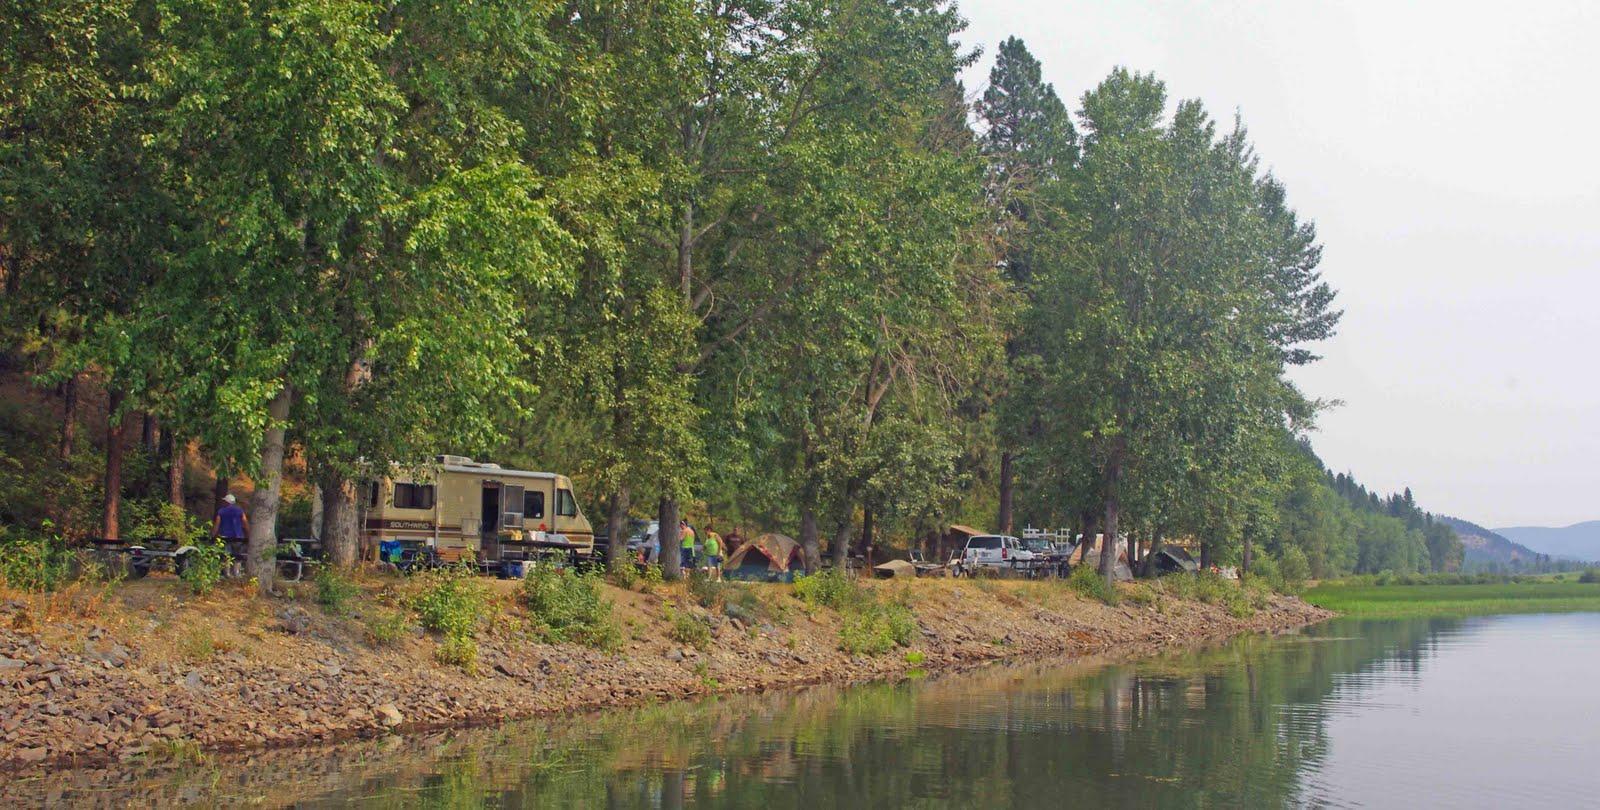 usbackroads™: Lower Coeur d'Alene River, Idaho